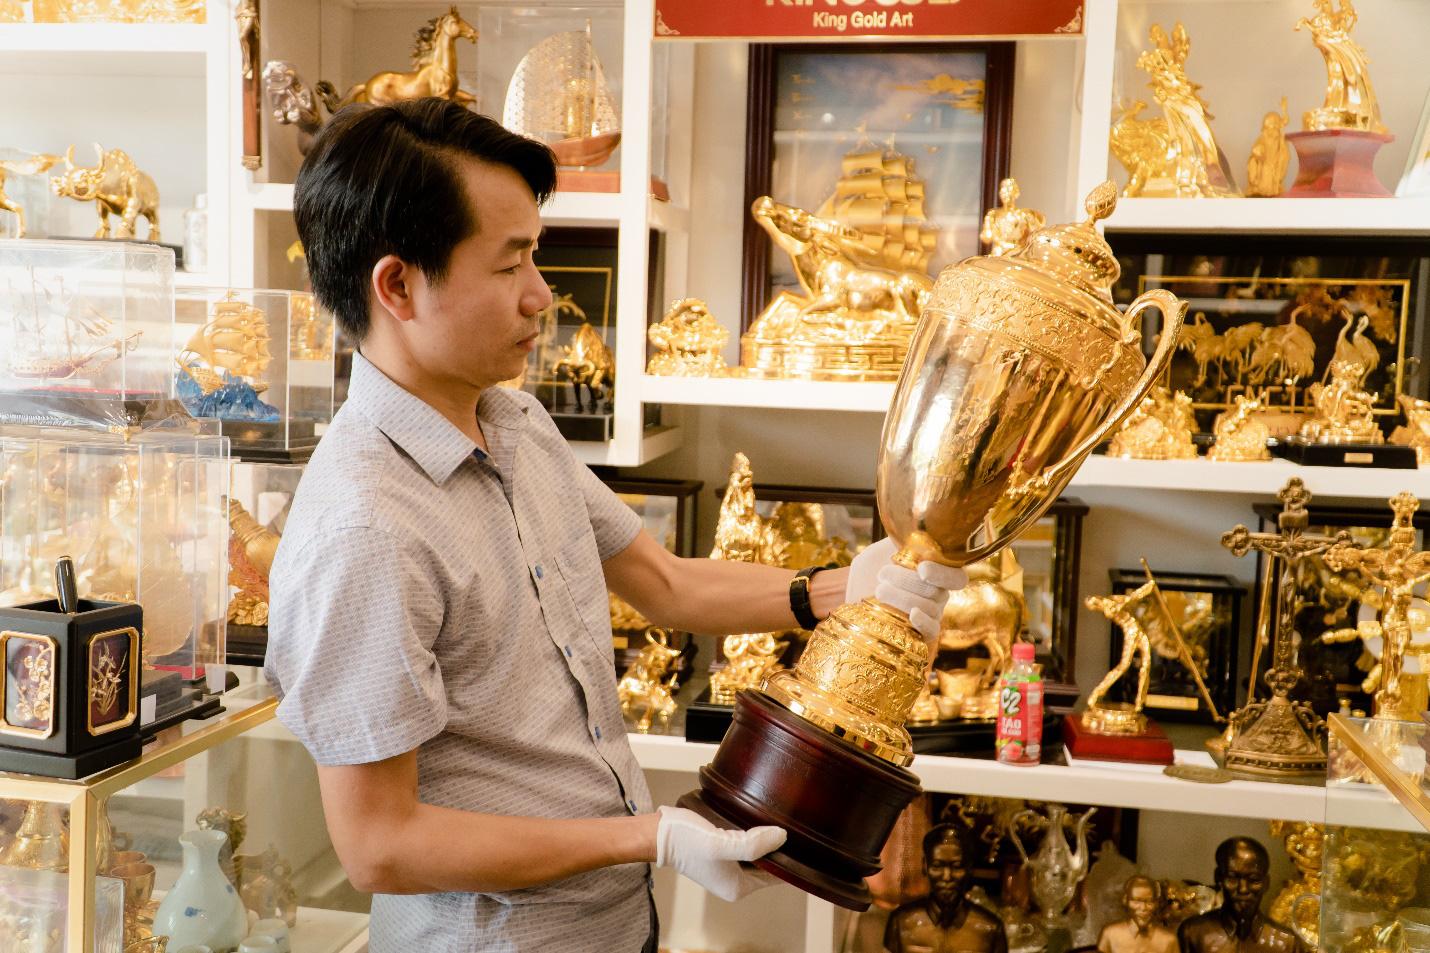 """Founder King Gold Art: Khởi nghiệp thành công với triết lý """"Tinh từ chất, đẹp từ tâm"""" - Ảnh 2."""